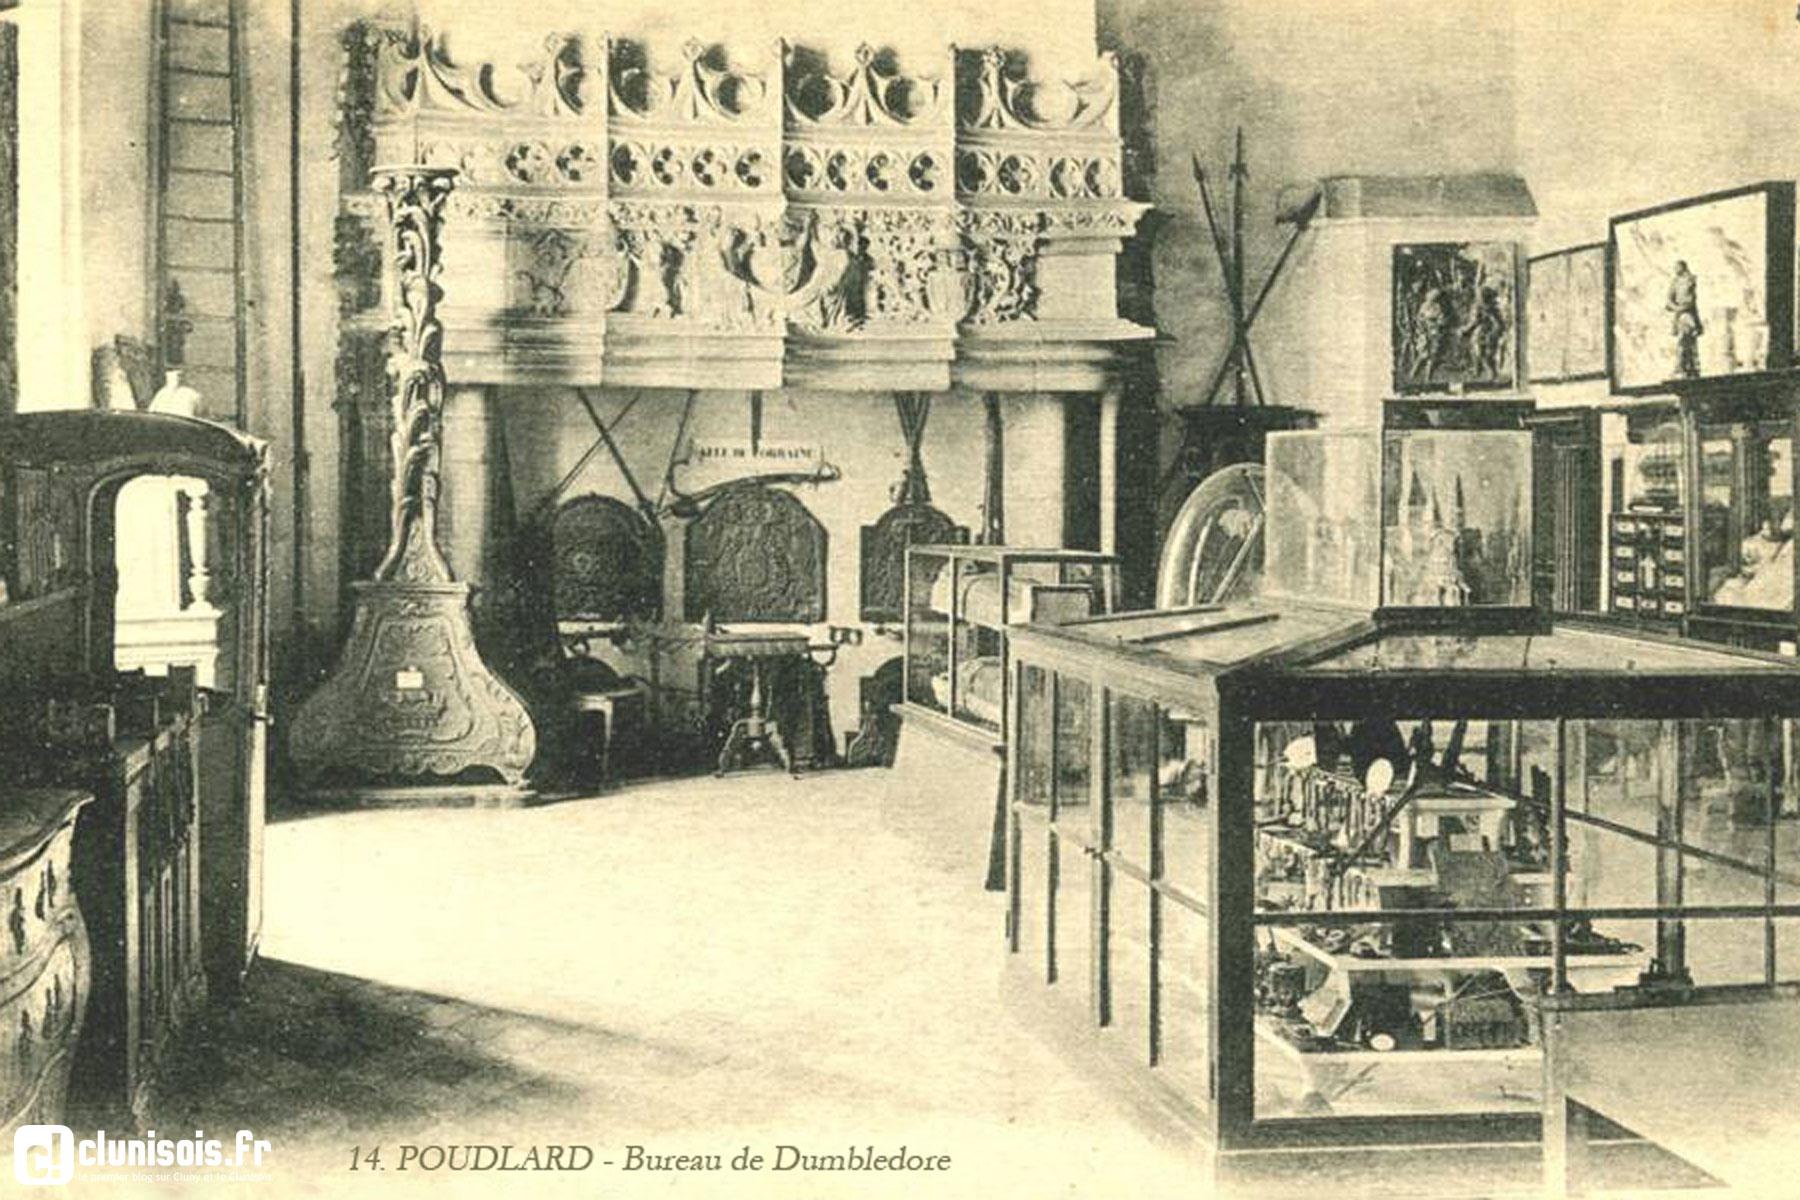 06-poudlard-existe-bureau-dumbledore-clunisoisfr